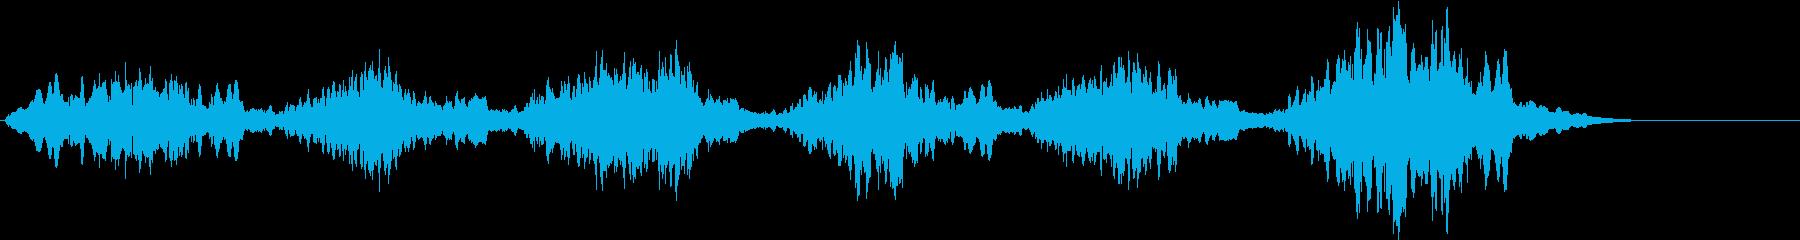 かごめかごめ クワイア ホラー系  1の再生済みの波形